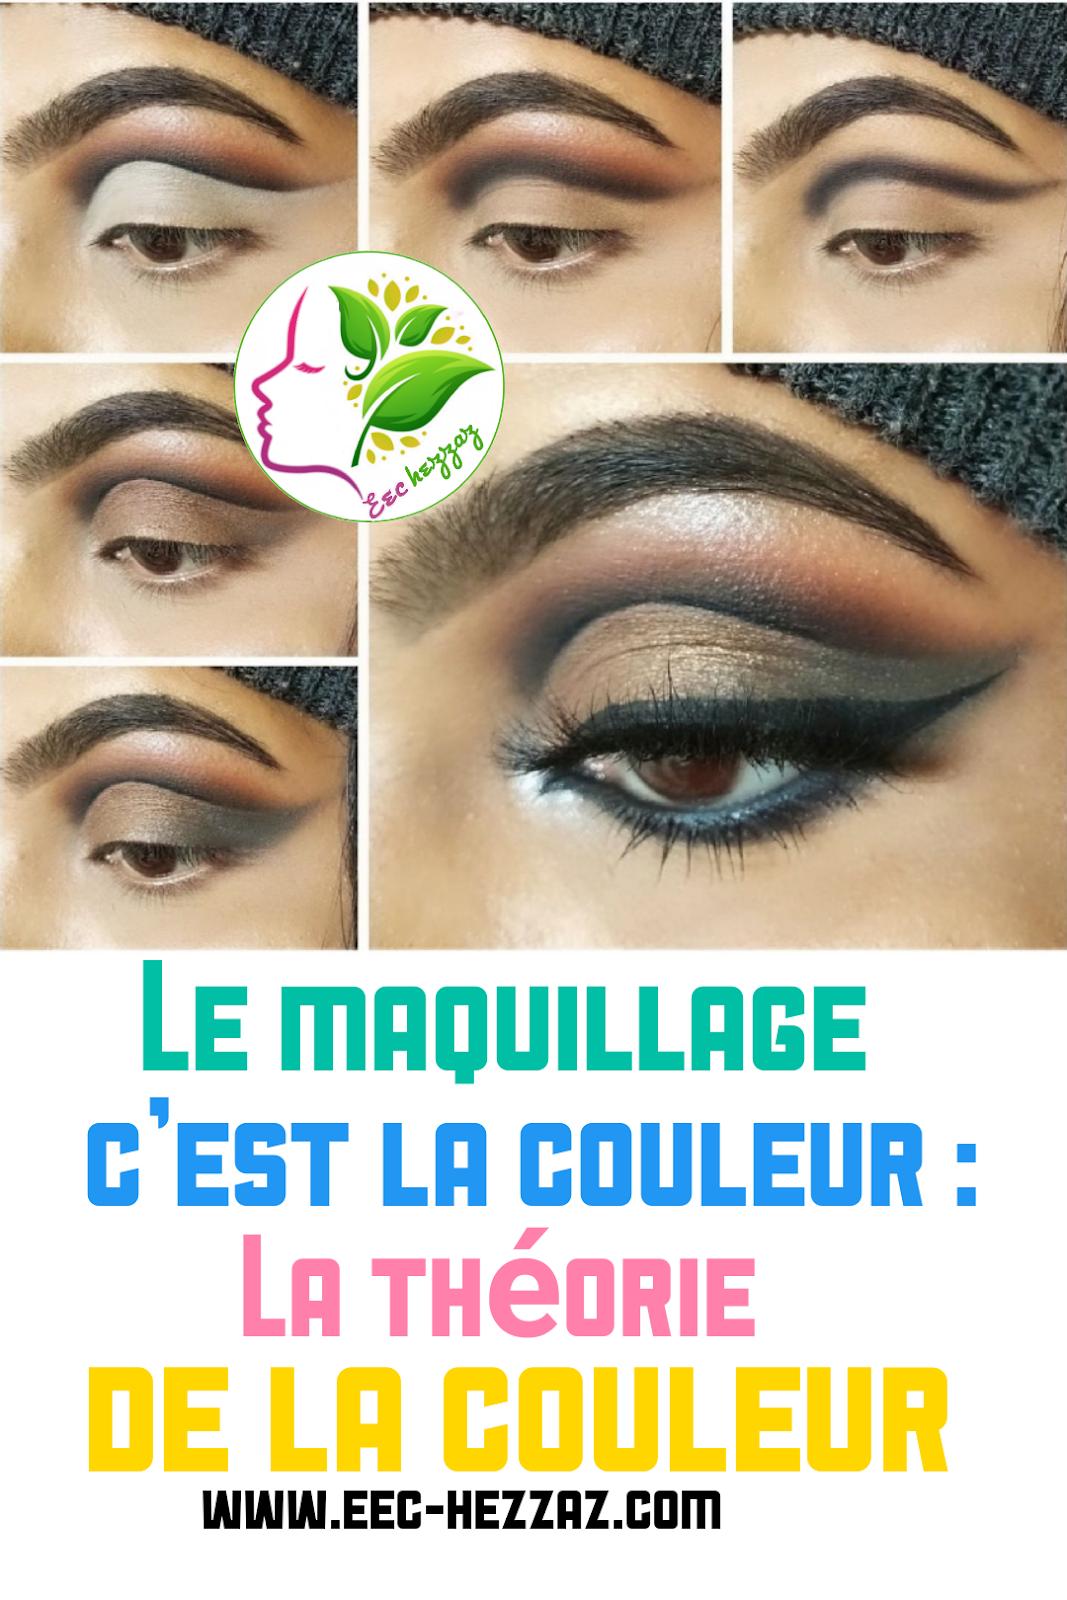 Le maquillage c'est la couleur : La théorie de la couleur